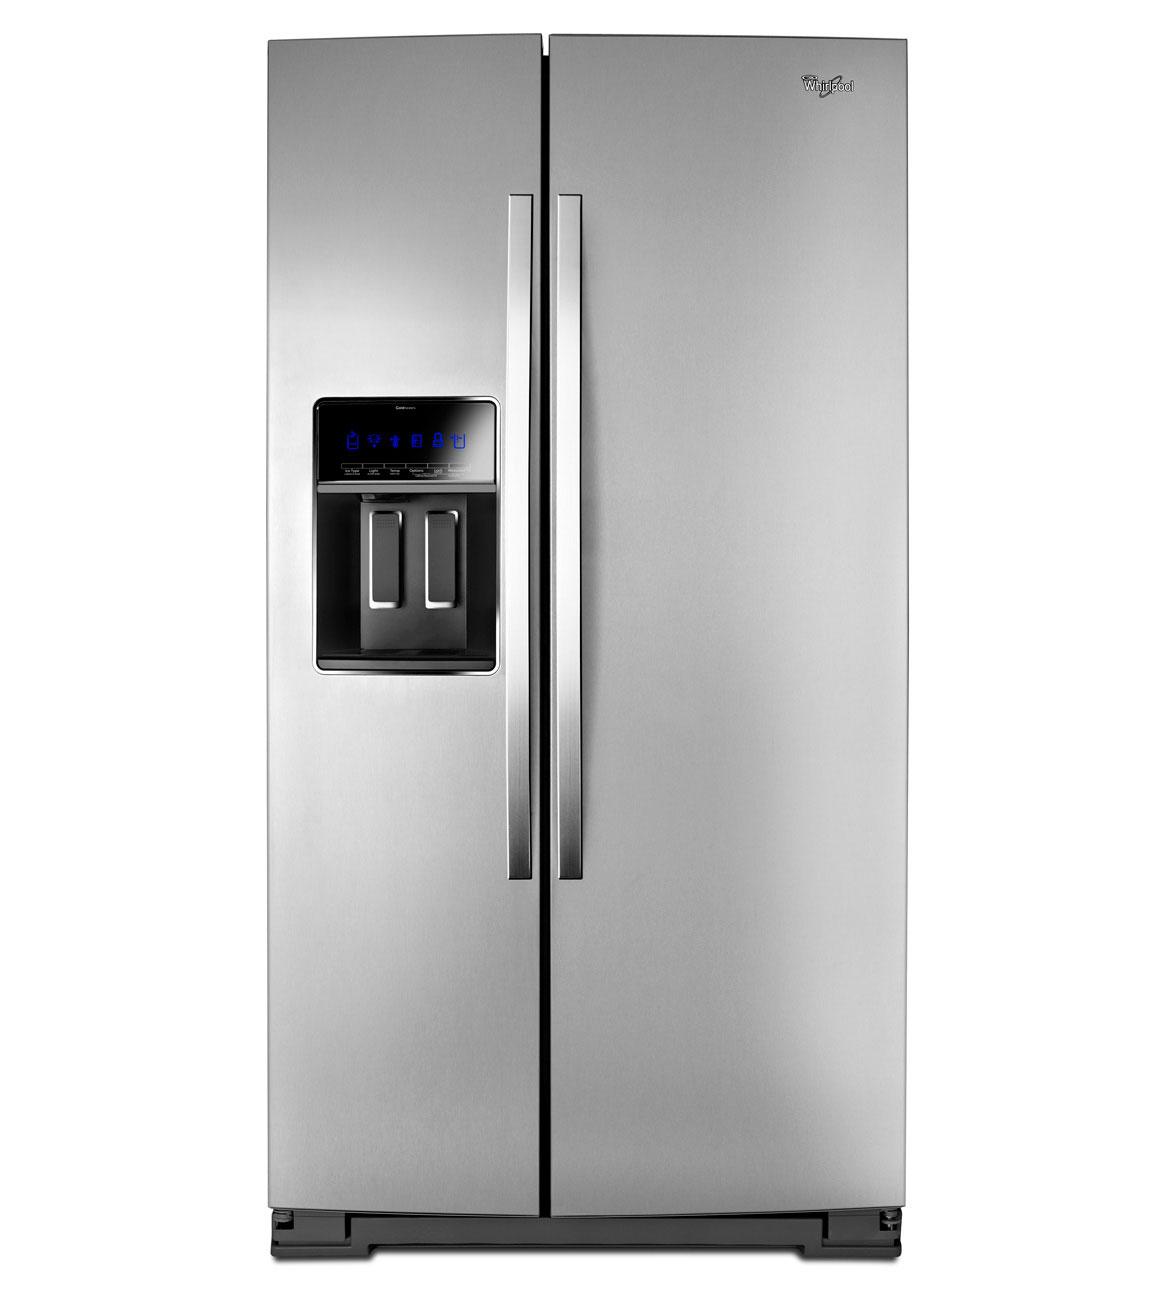 GE Refrigerator repair los angeles